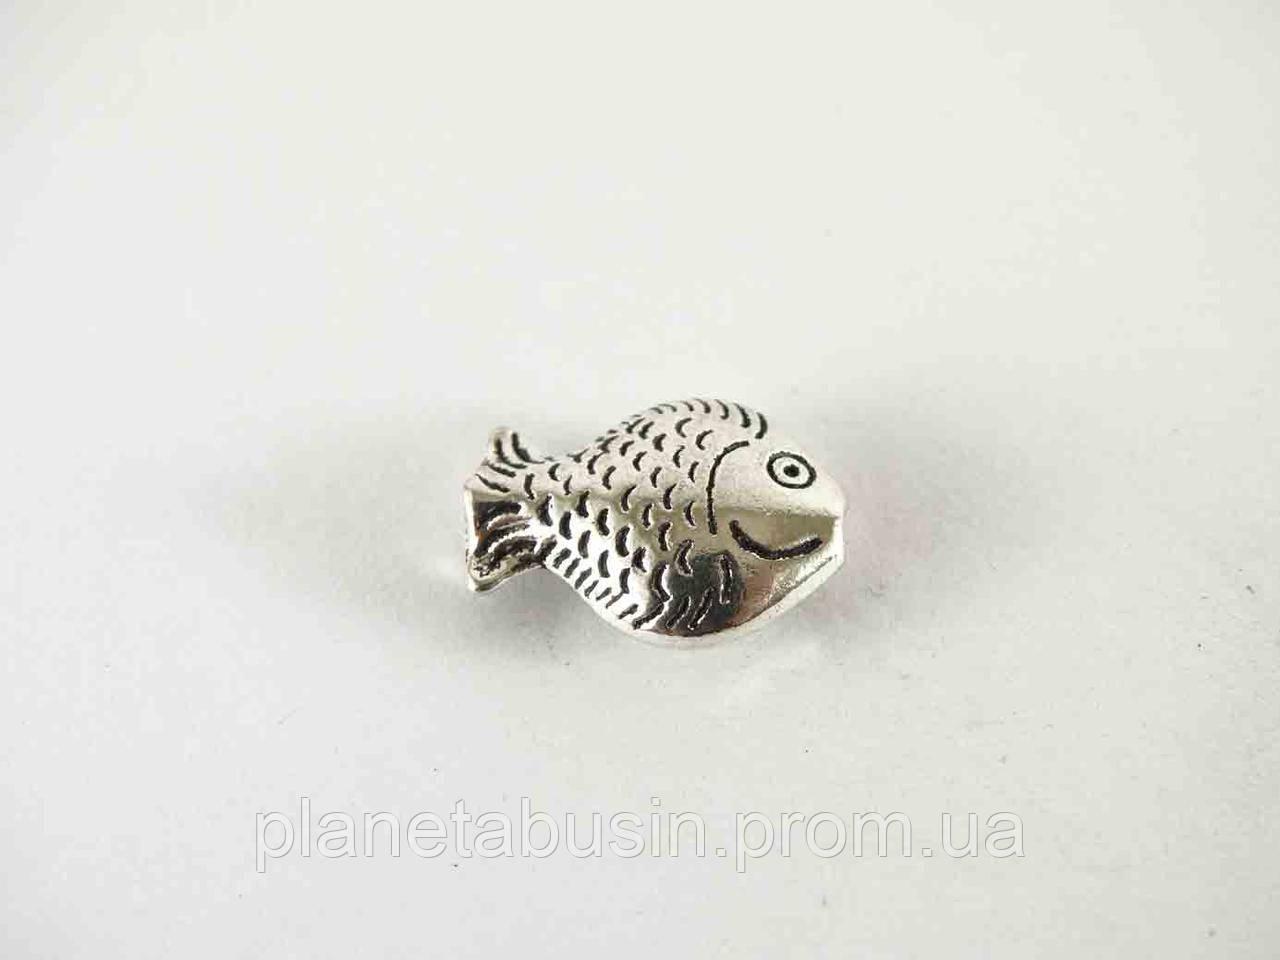 Бусины Серебряная рыбка 10шт, размер 16х7мм, отверстие 1мм